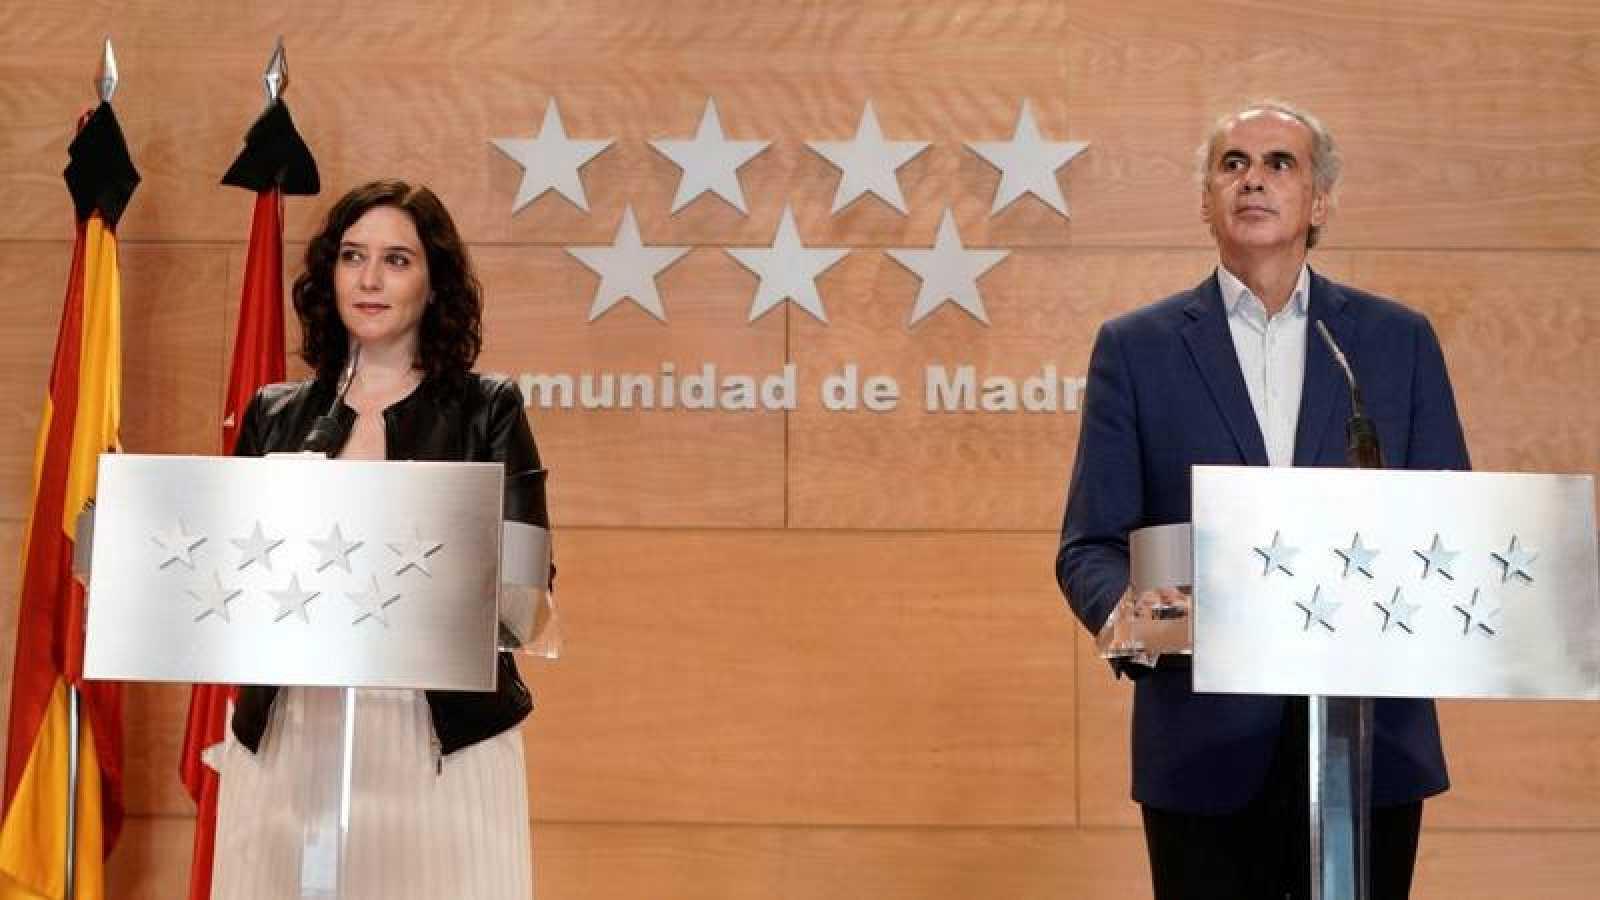 La presidenta de la Comunidad de Madrid, Isabel Díaz Ayuso, durante la comparecencia conjunta con el consejero de Sanidad, Enrique Ruiz Escudero